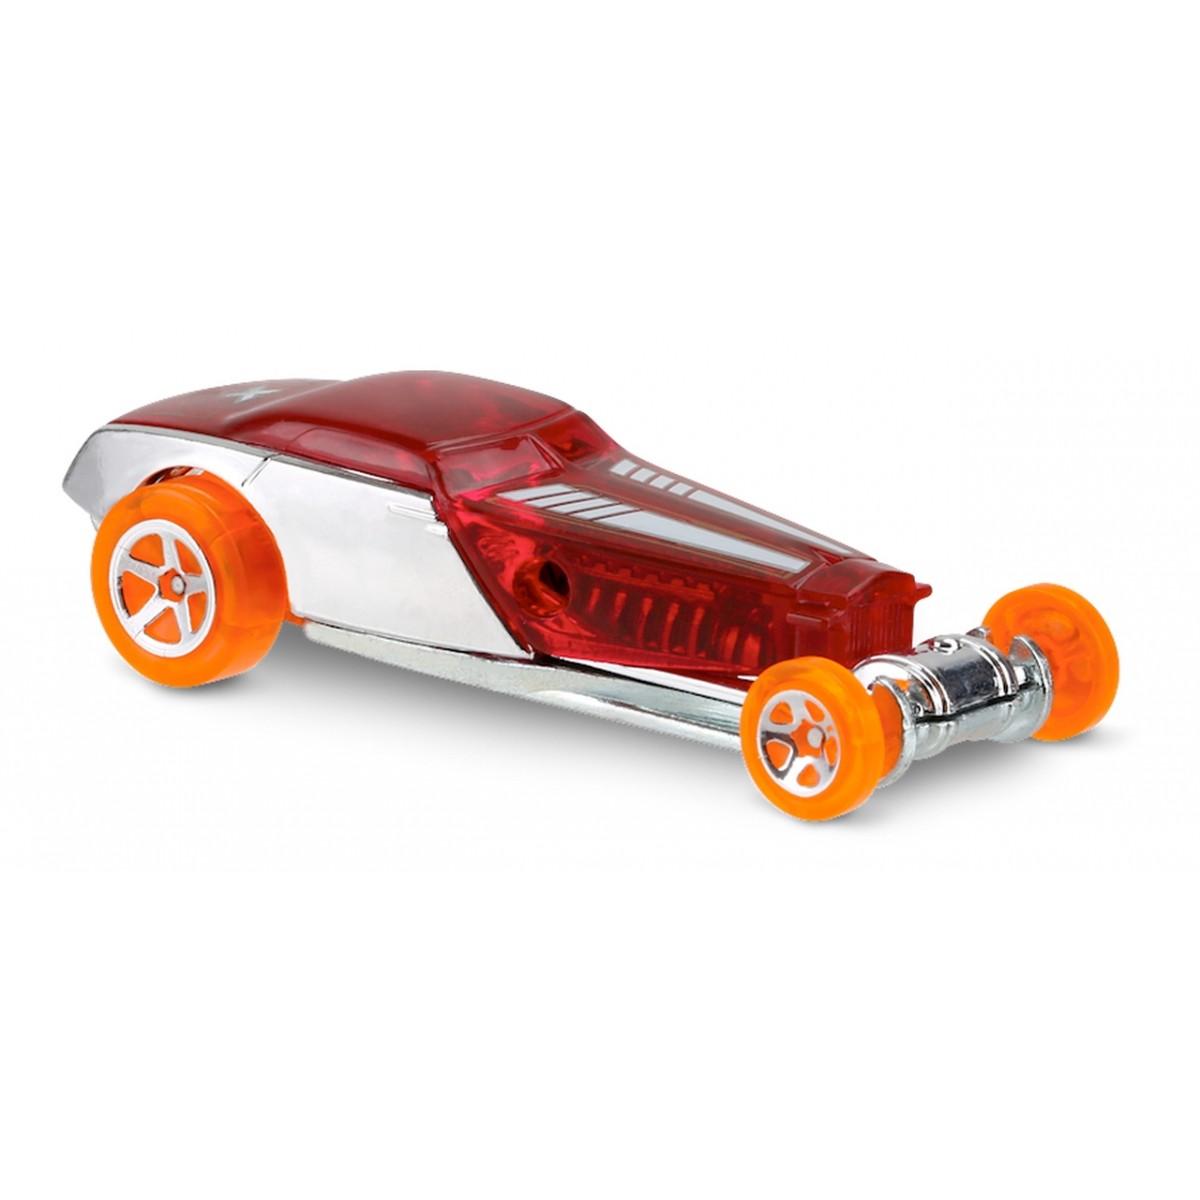 Carrinho Hot Wheels: Hi-Roller Vermelho